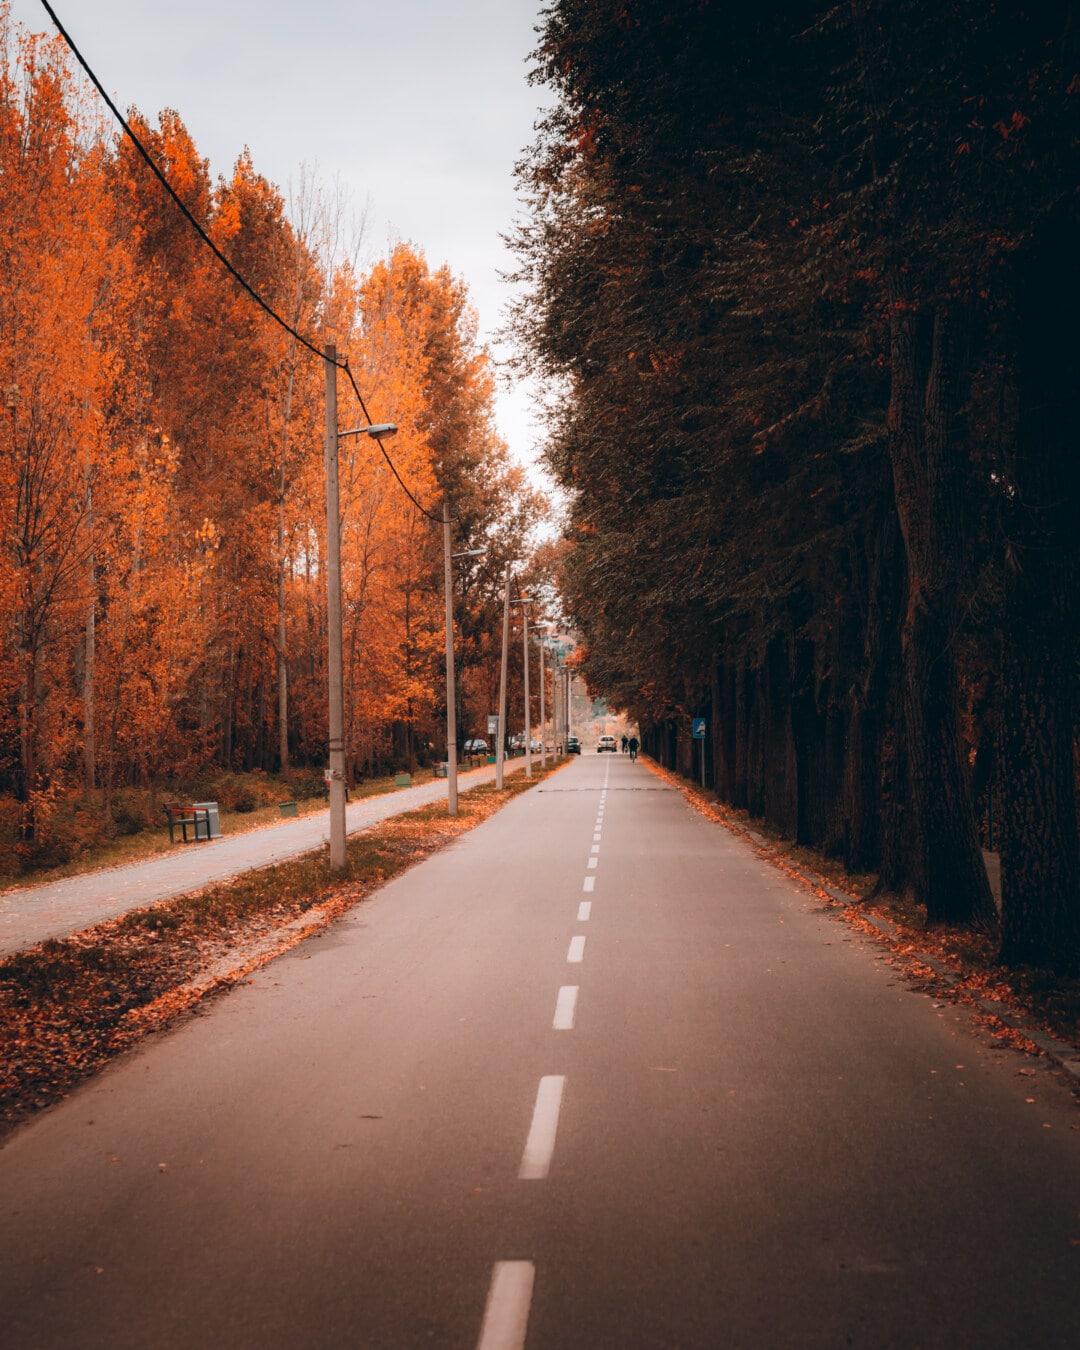 asphalte, Itinéraire, trottoir, ruelle, saison de l'automne, arbre, rue, paysage, Avenue, bois